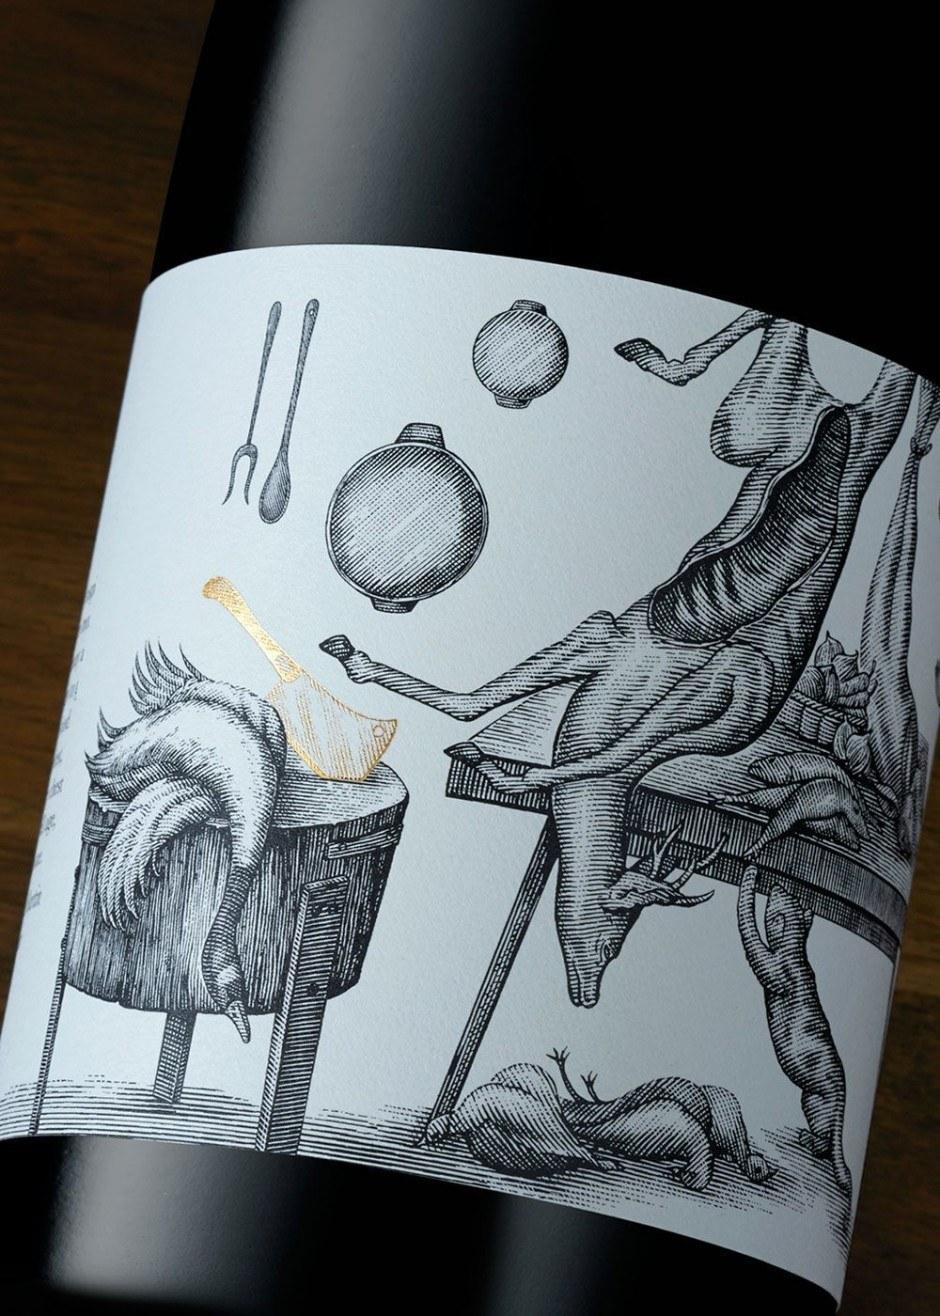 Und noch eine wirklich wunderschöne Illustration für eine Flasche: diesmal ein Küchenstilleben im Stil des 17. Jahrhunderts von Steven Noble für das australische Wein-Label Ravensworth.